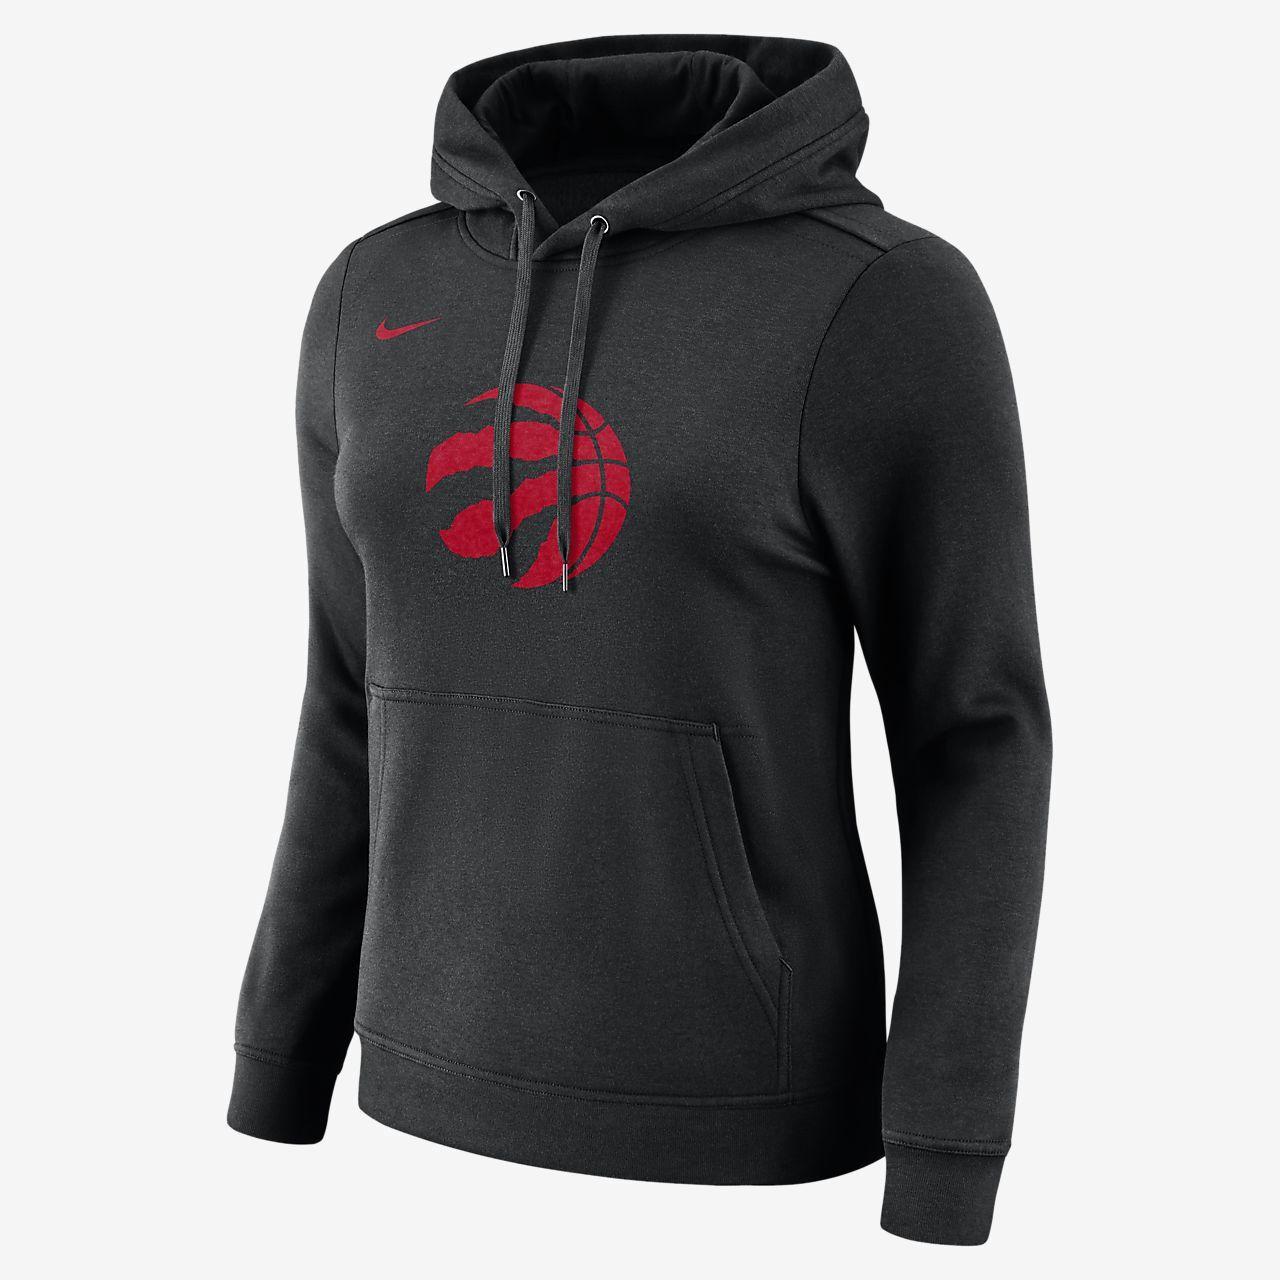 0c2de52d2 Nike Boston Celtics Women s Fleece NBA Hoodie